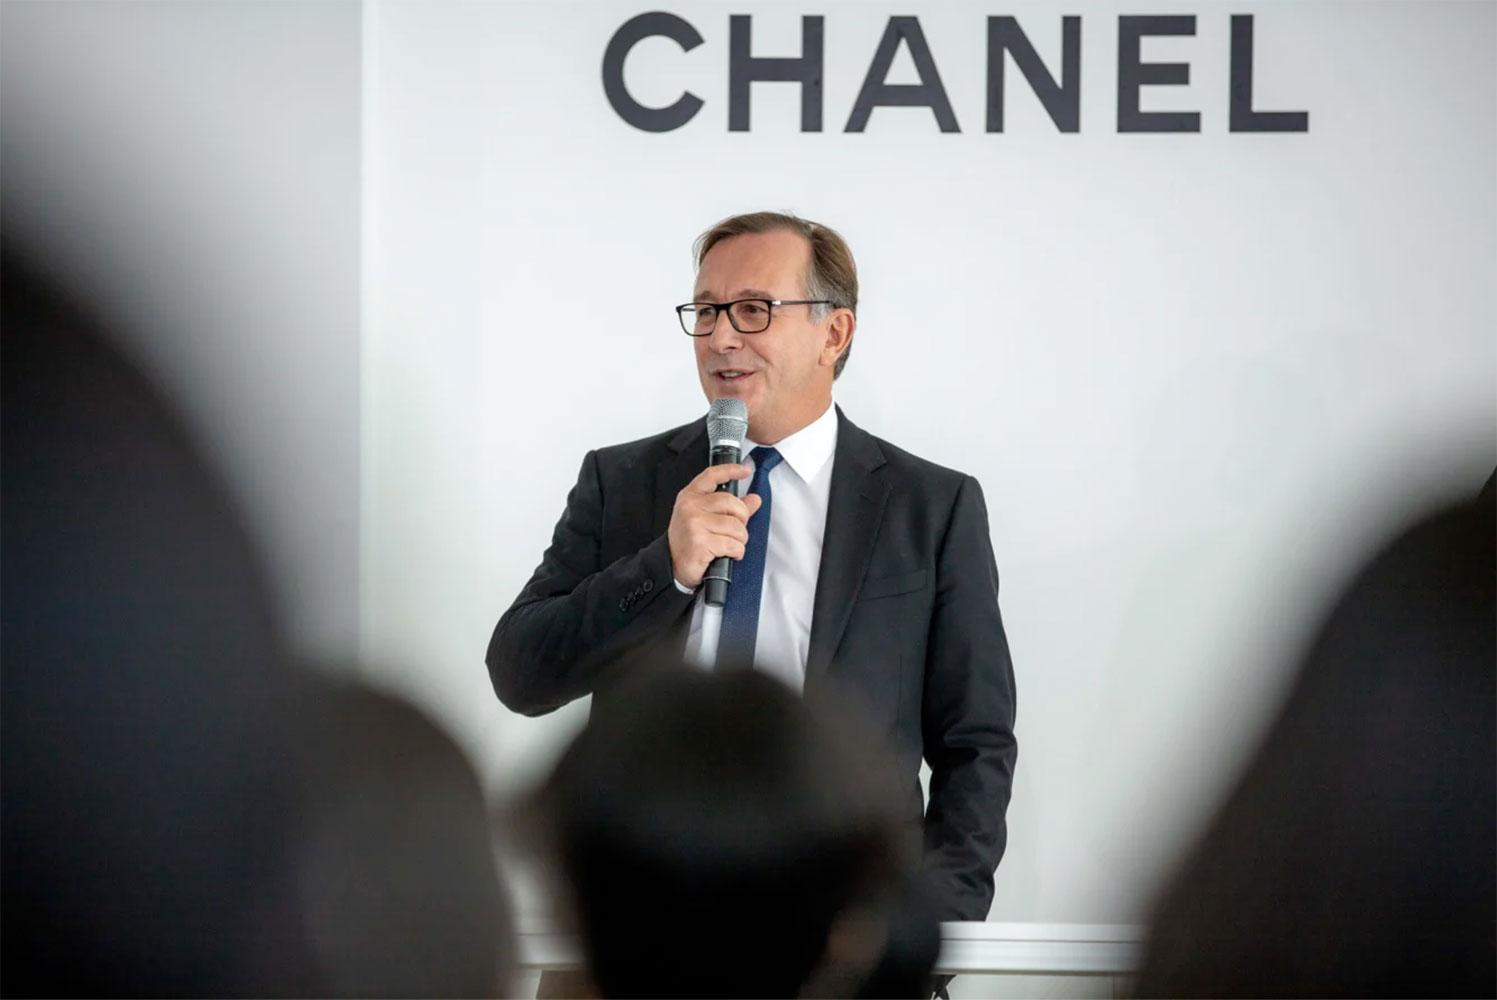 Ông Bruno Pavlovsky, chủ tịch mảng thời trang của Chanel, kêu gọi các nhà mốt Pháp trở về với lịch diễn truyền thống của tuần lễ thời trang Paris